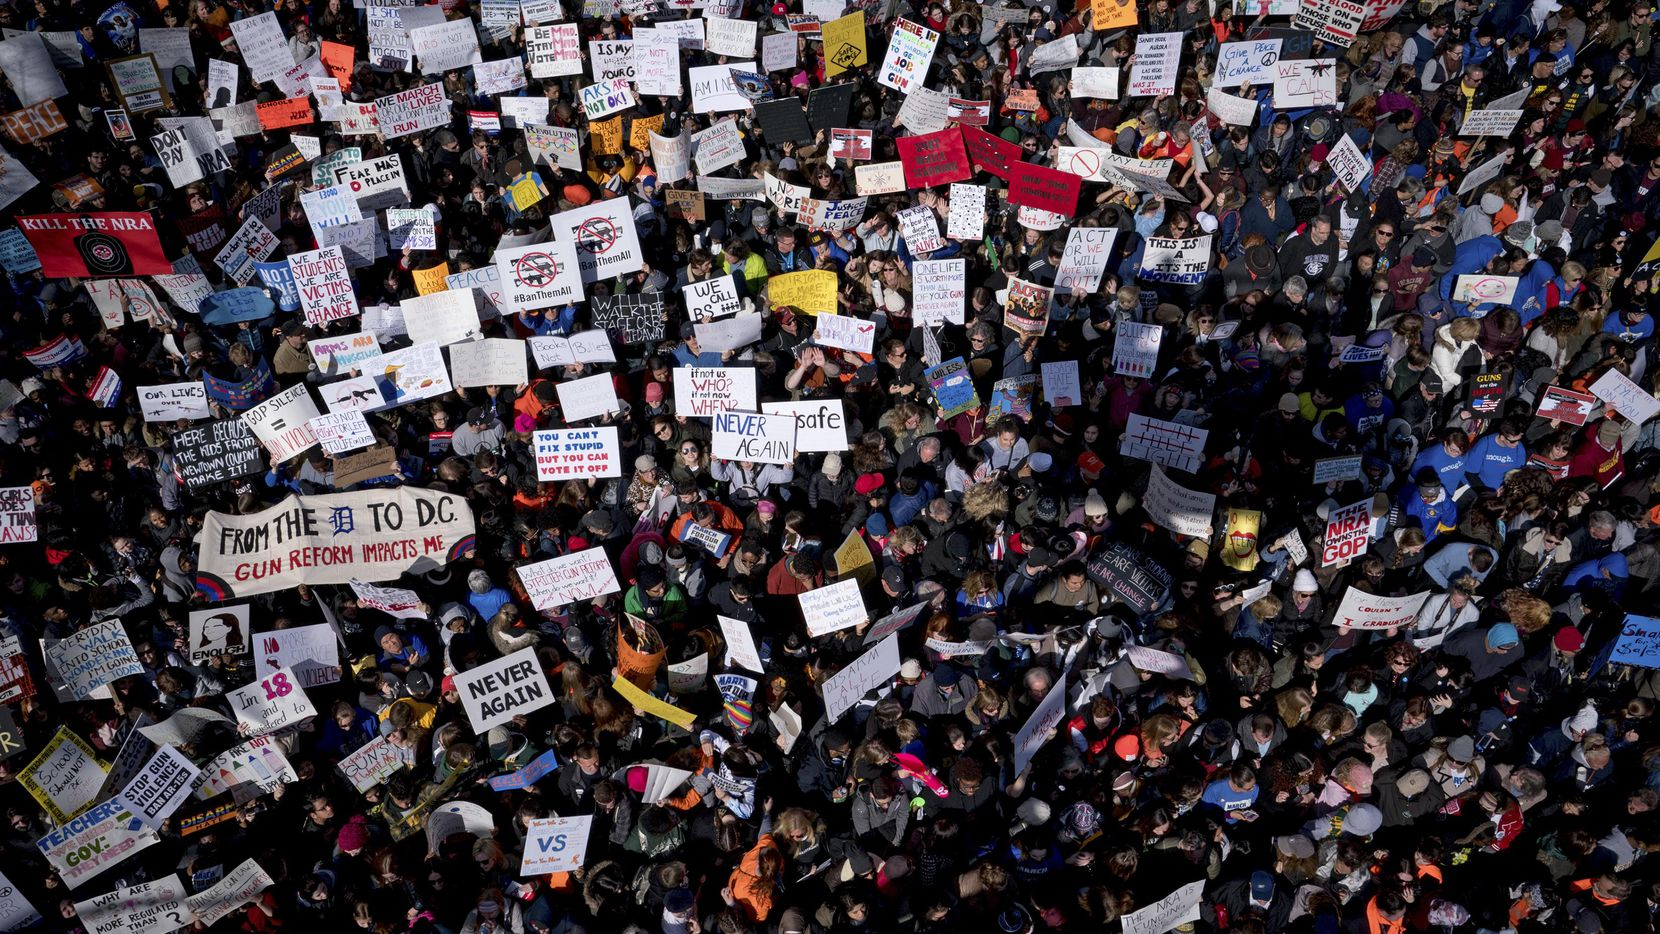 Miles de personas se manifestaron en Washington en marzo pasado a favor de mayor control de armas. Este fin de semana, la convención del NRA en Dallas juntará a los dos grupos dentro del debate.  NYT